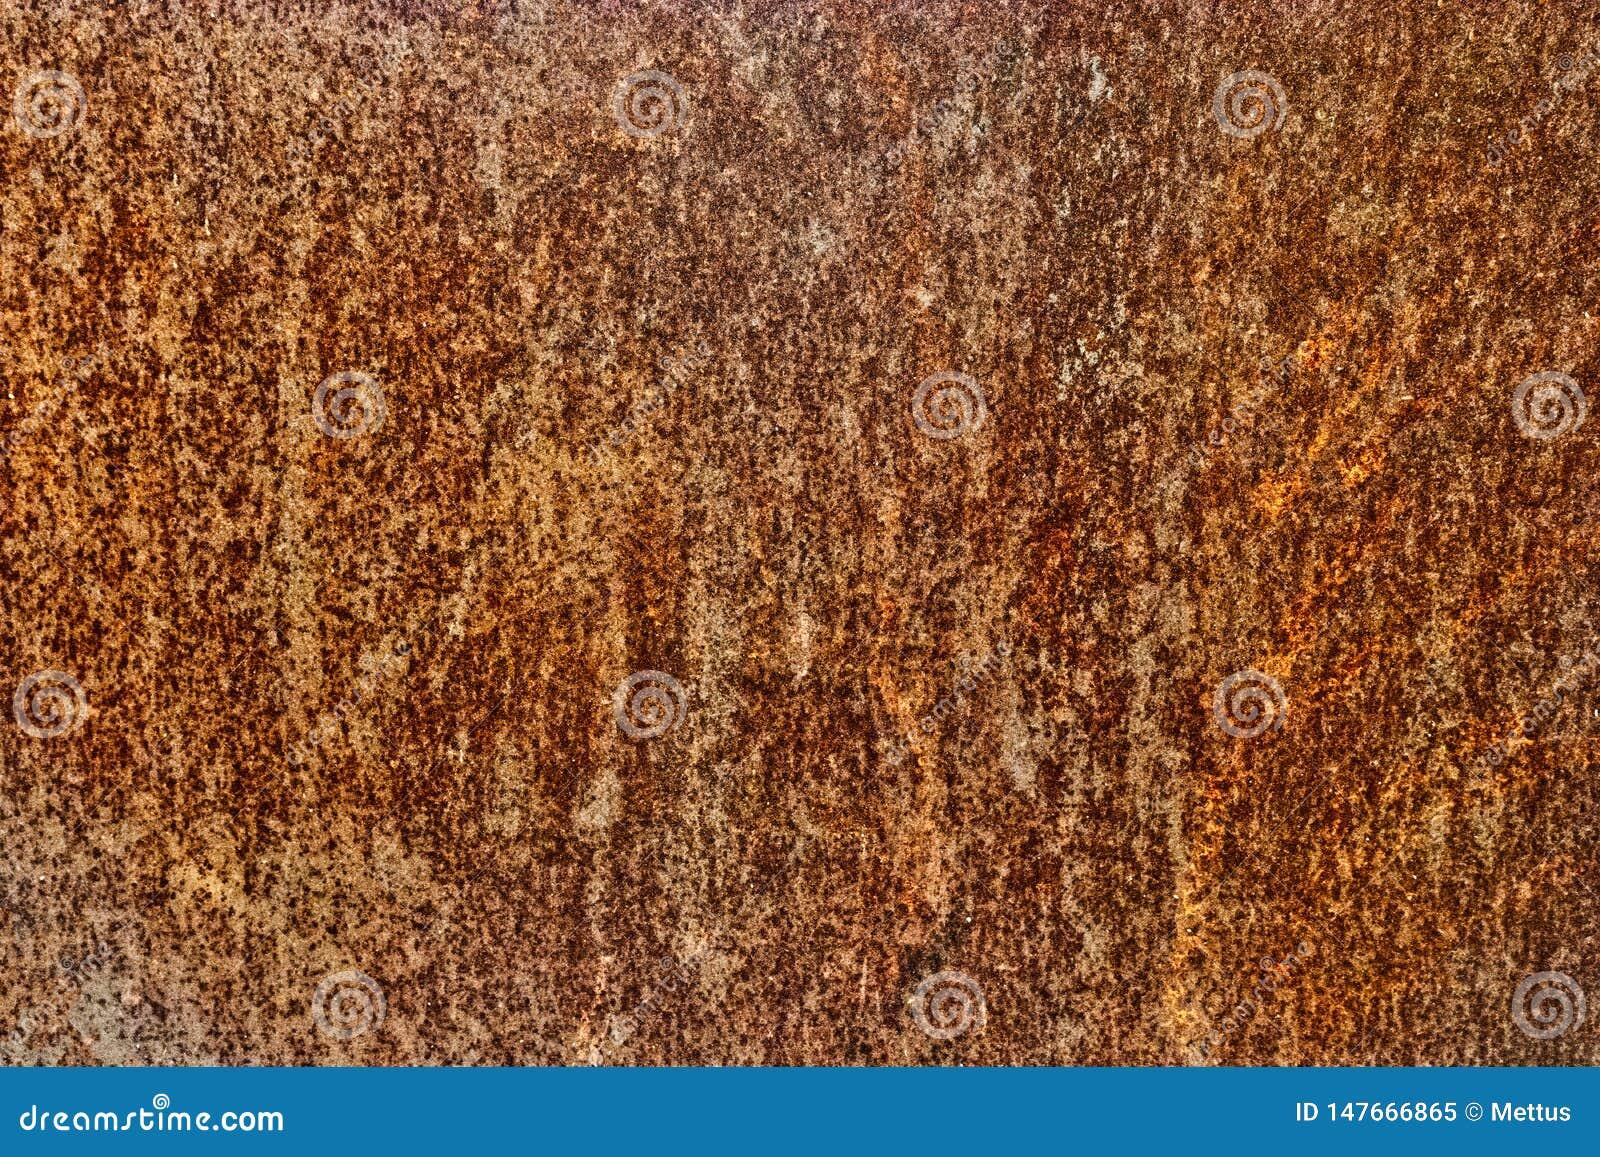 报道铁板料表面的对比铁锈